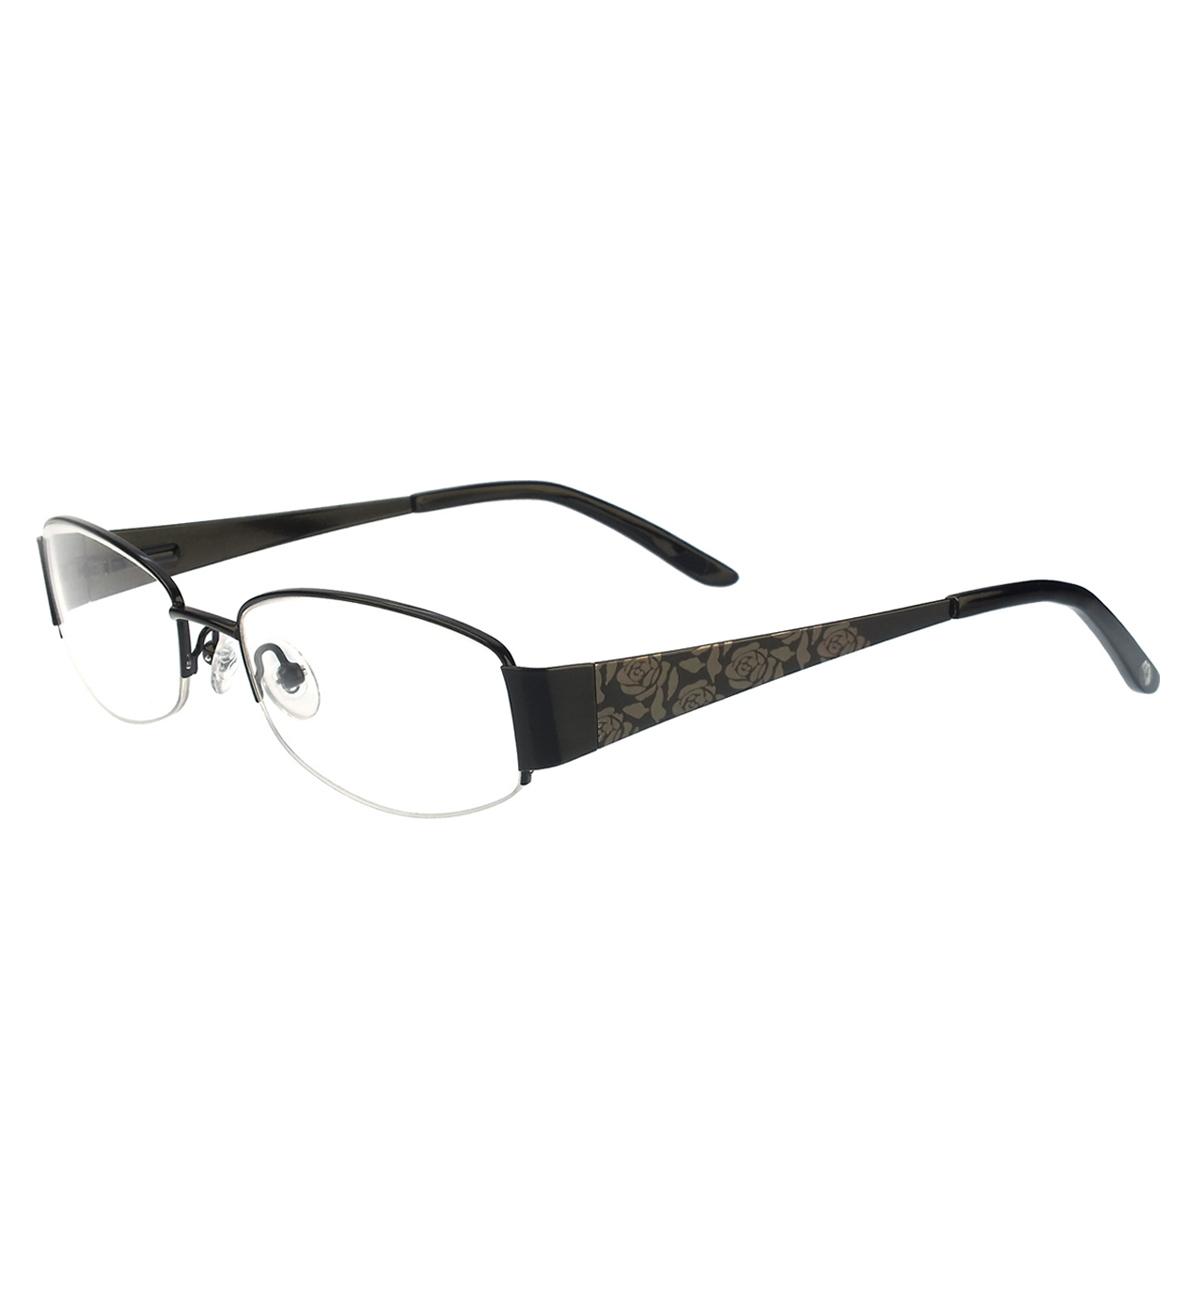 مجموعة نظارات طبية للانيقات , نظارات طبية انيقة 10147743?$ProductPage$